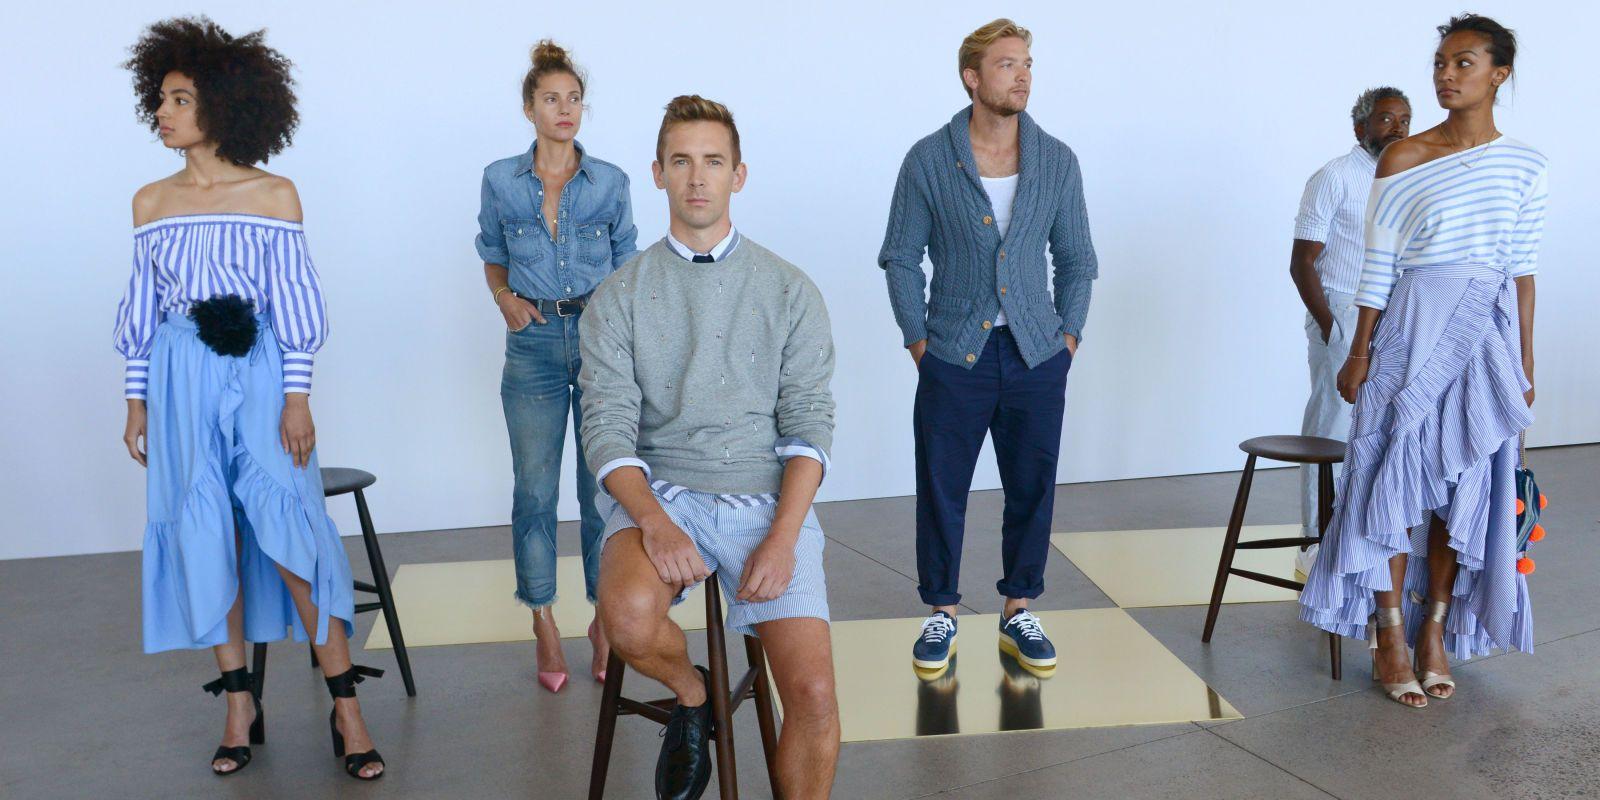 """Meet the """"Real People"""" Modeling for J. Crew http://ift.tt/2cdm1vm #ELLE #Fashion"""